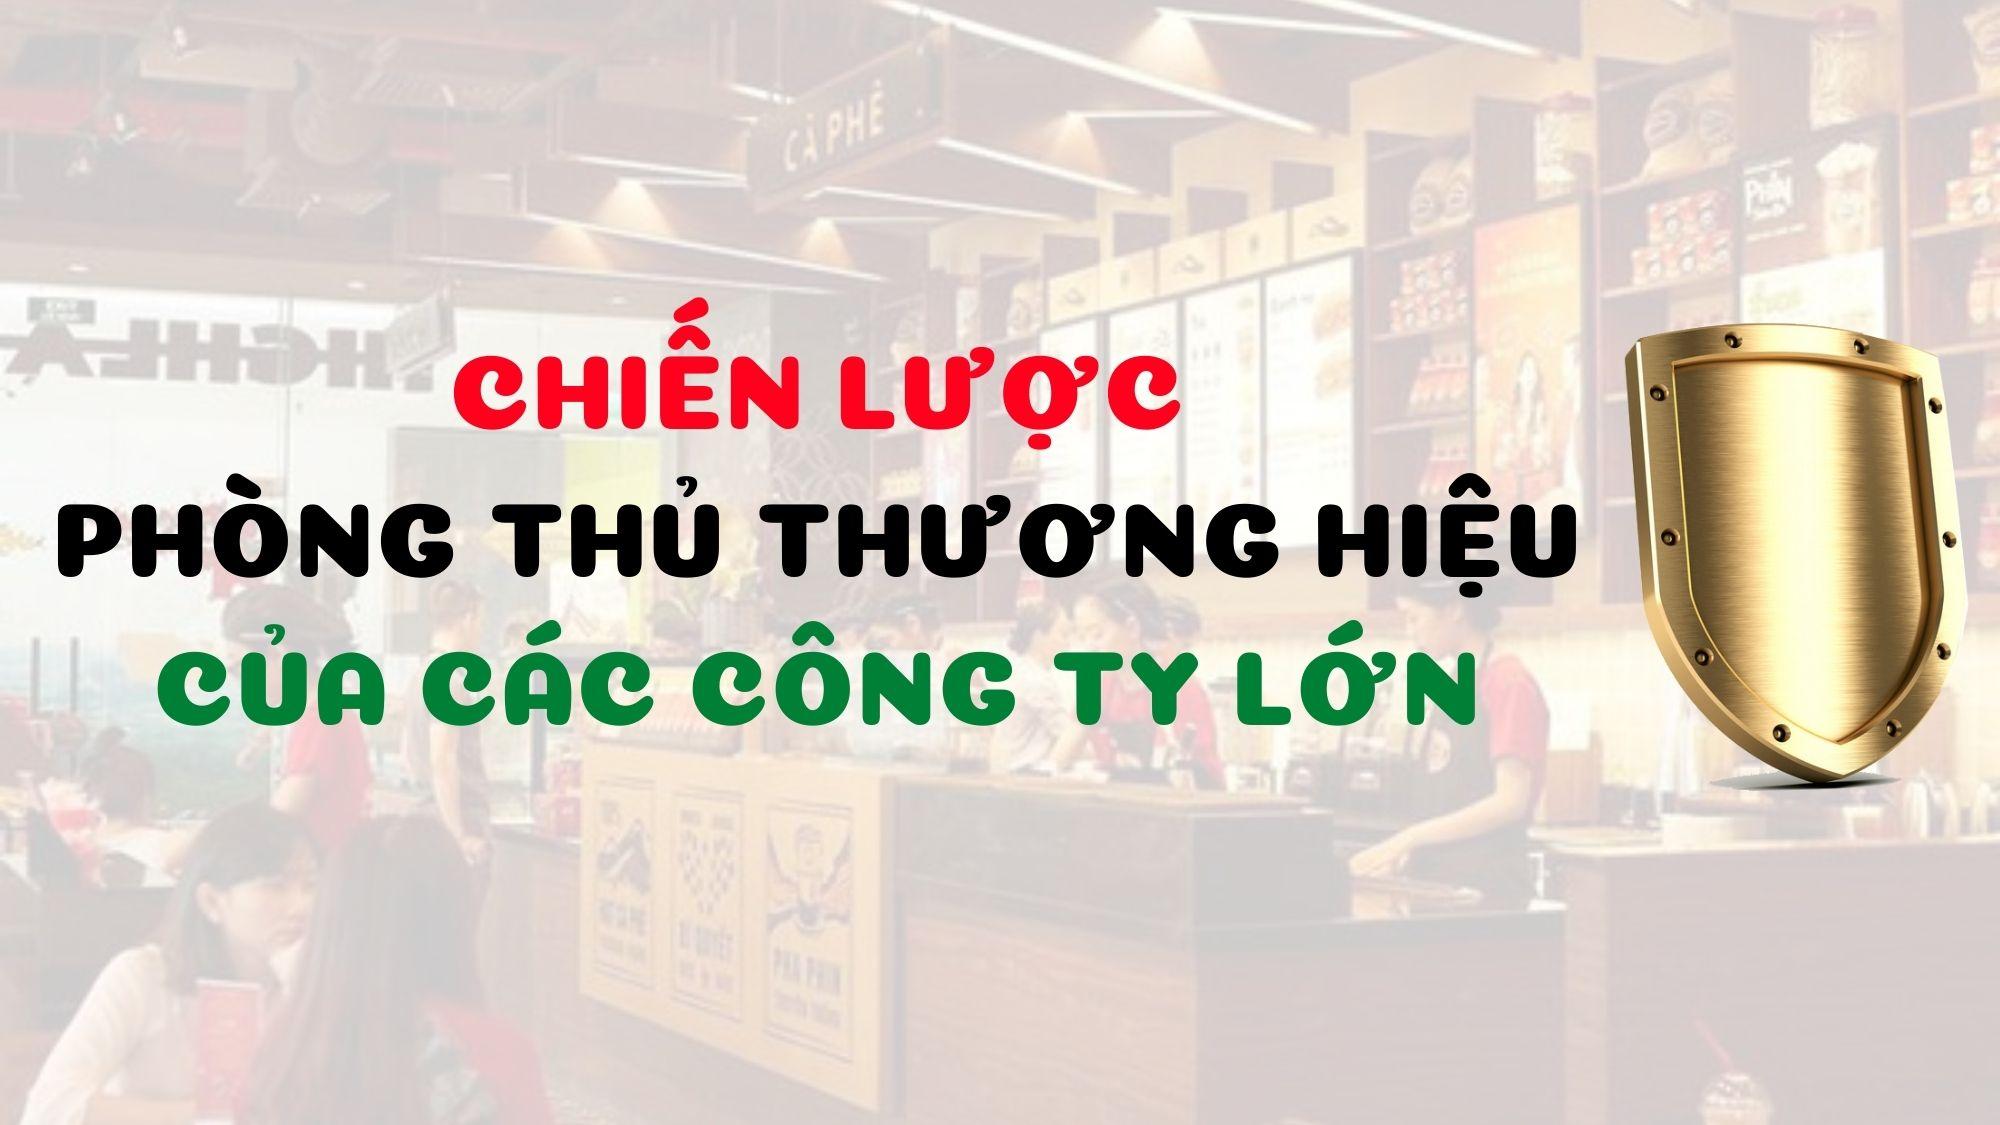 chien-luoc-phong-thu-thuong-hieu-cua-cac-cong-ty-lon